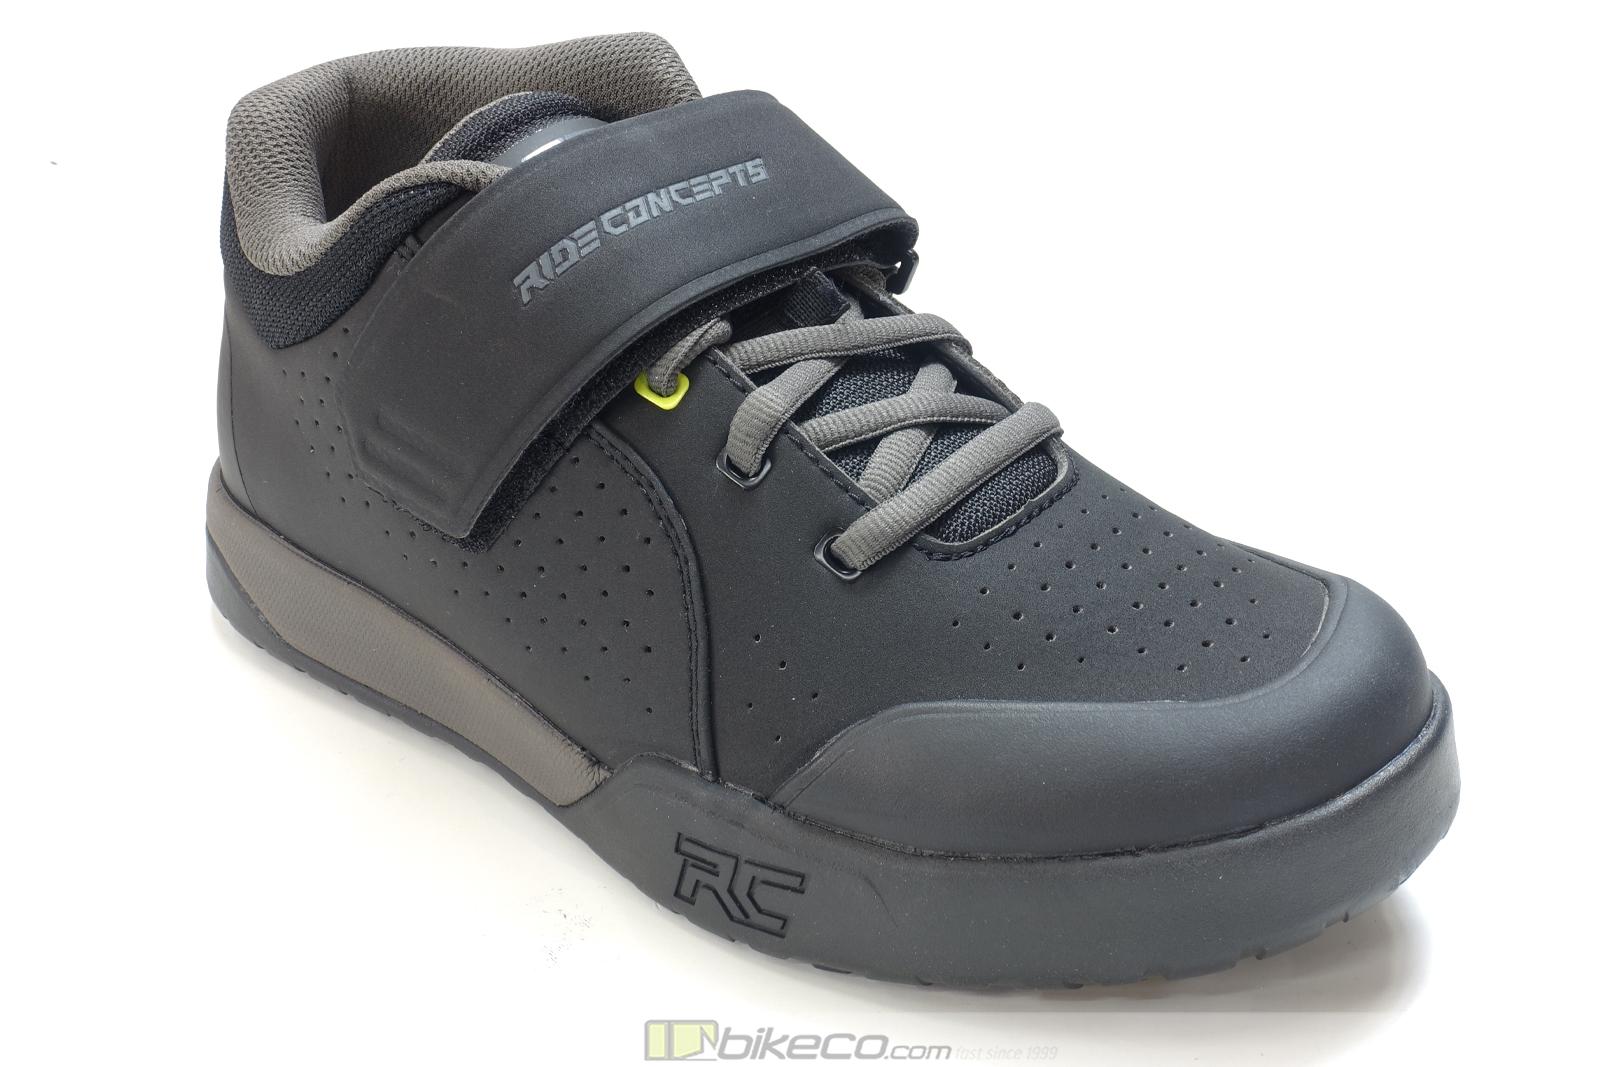 2021 Ride Concepts TNT Shoe